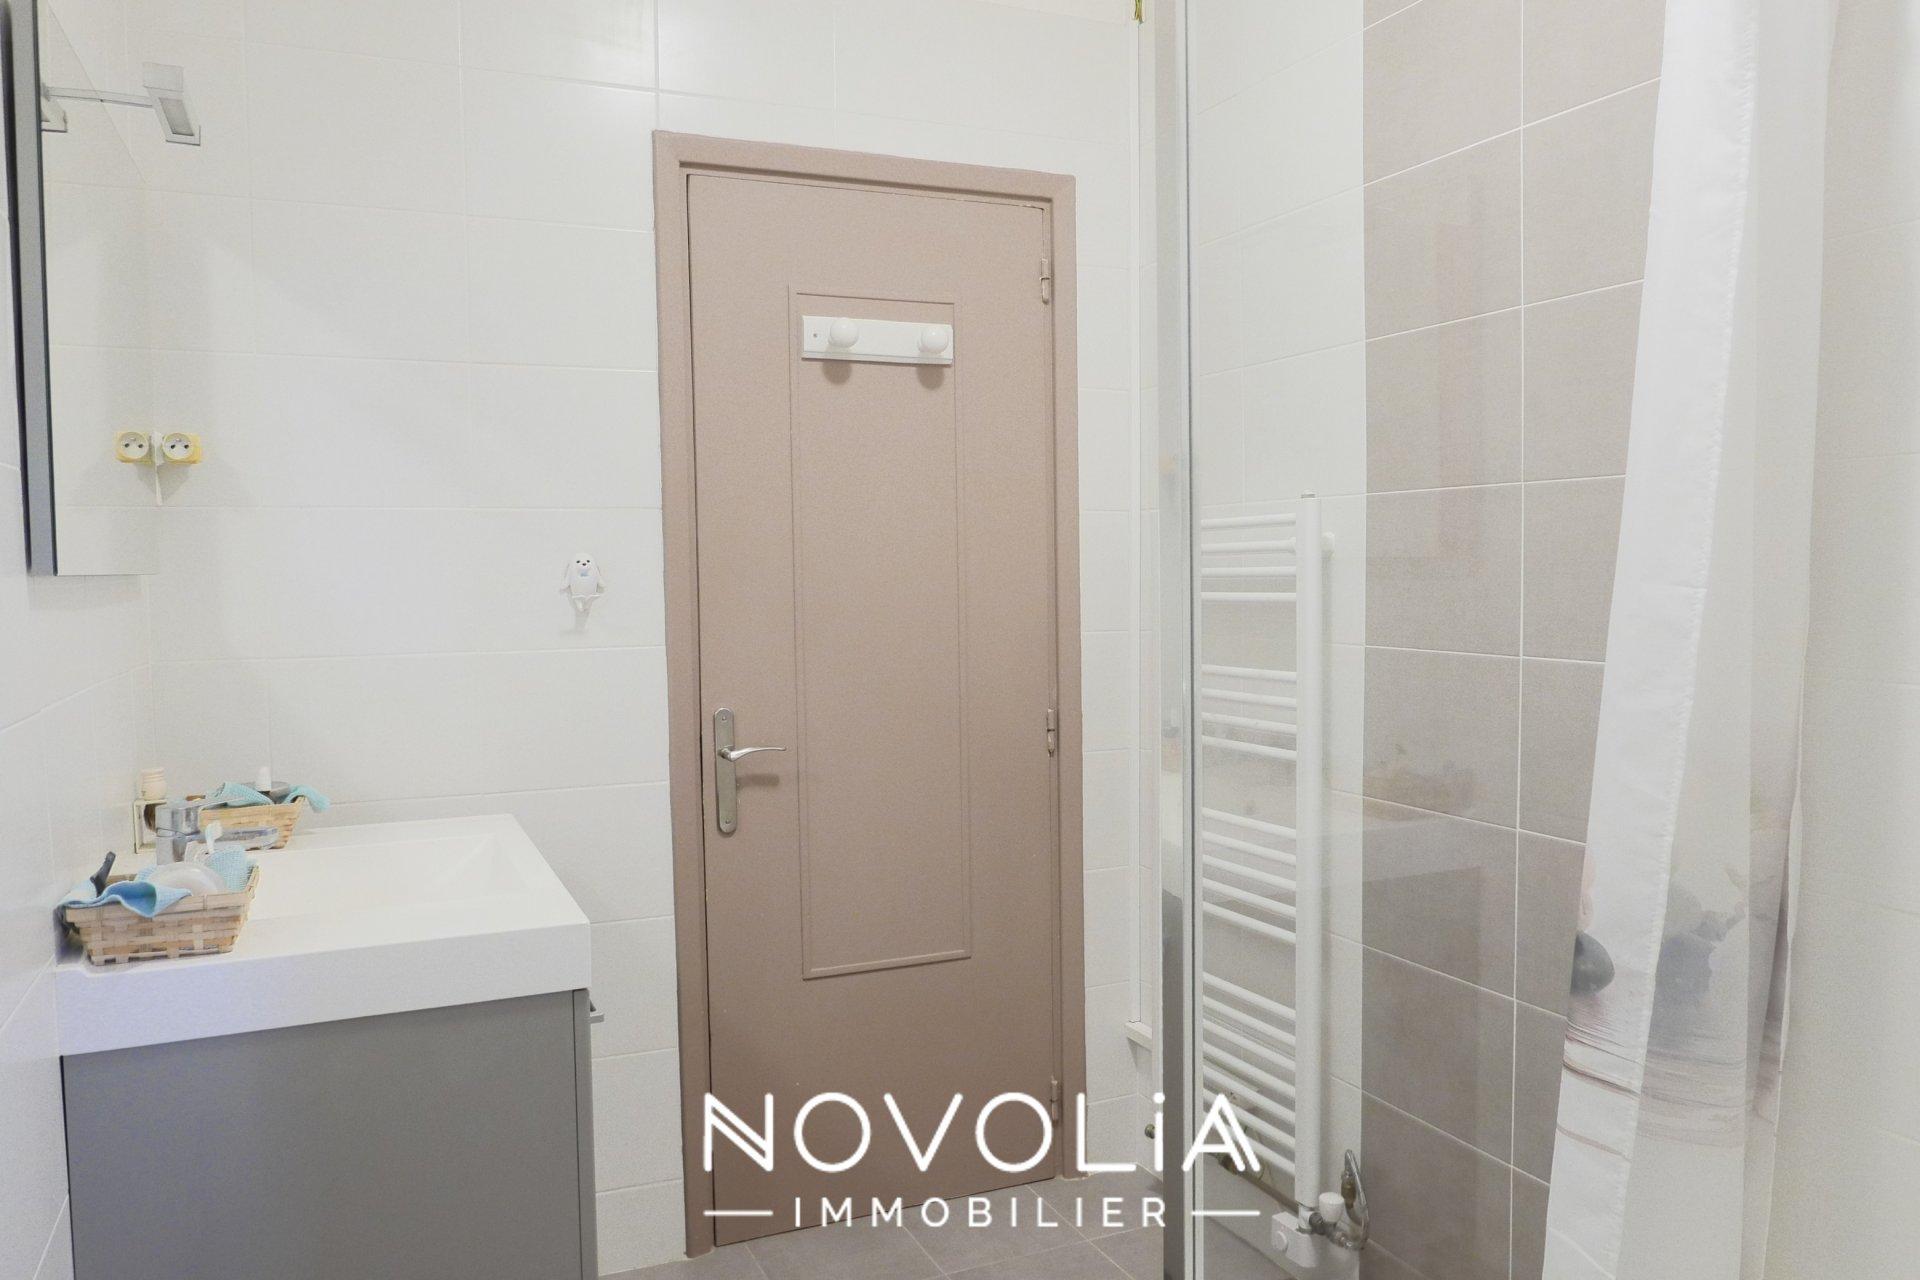 Achat Appartement, Surface de 61.88 m²/ Total carrez : 61.72 m², 3 pièces, Villeurbanne (69100)